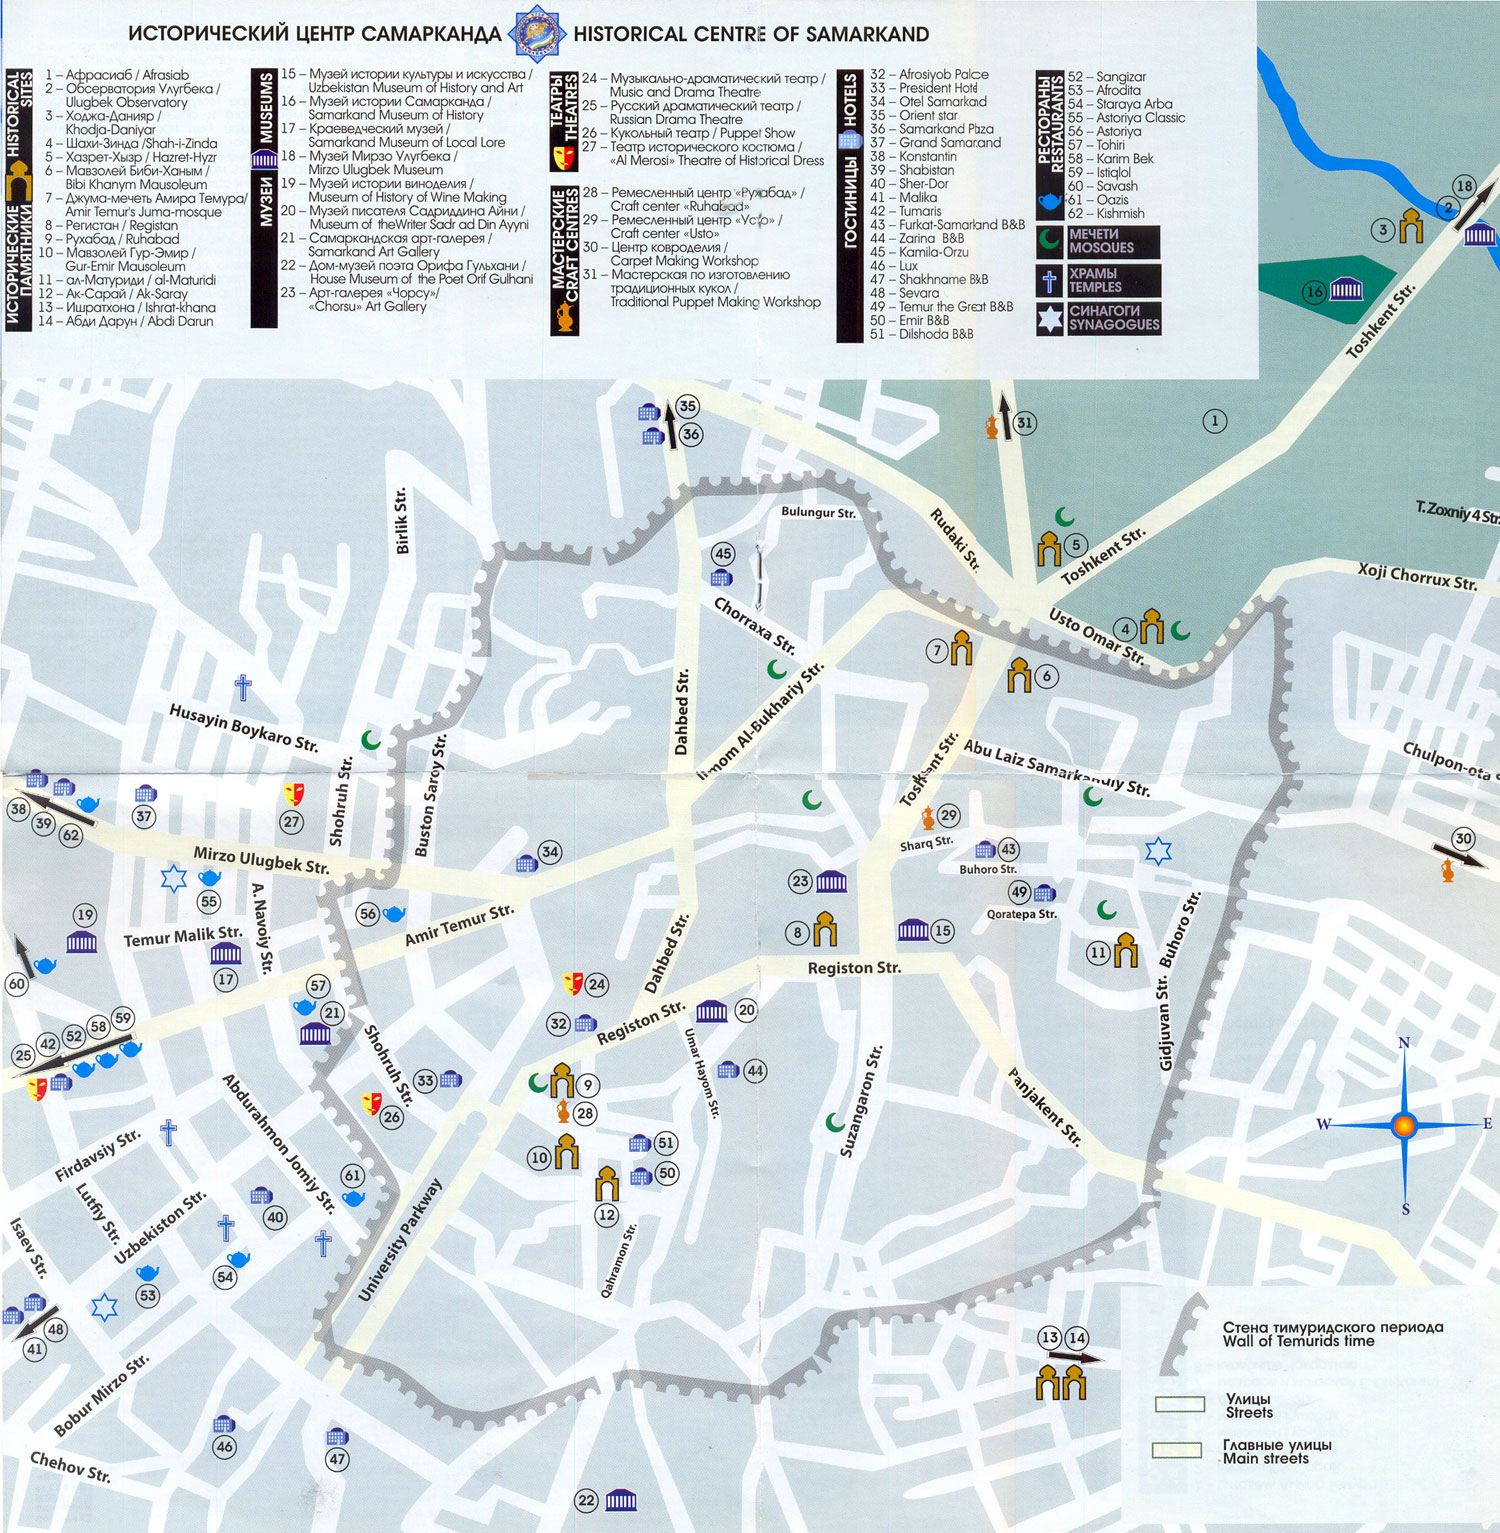 Maps of Uzbekistan Uzbekistan Maps Maps of Uzbekistan cities